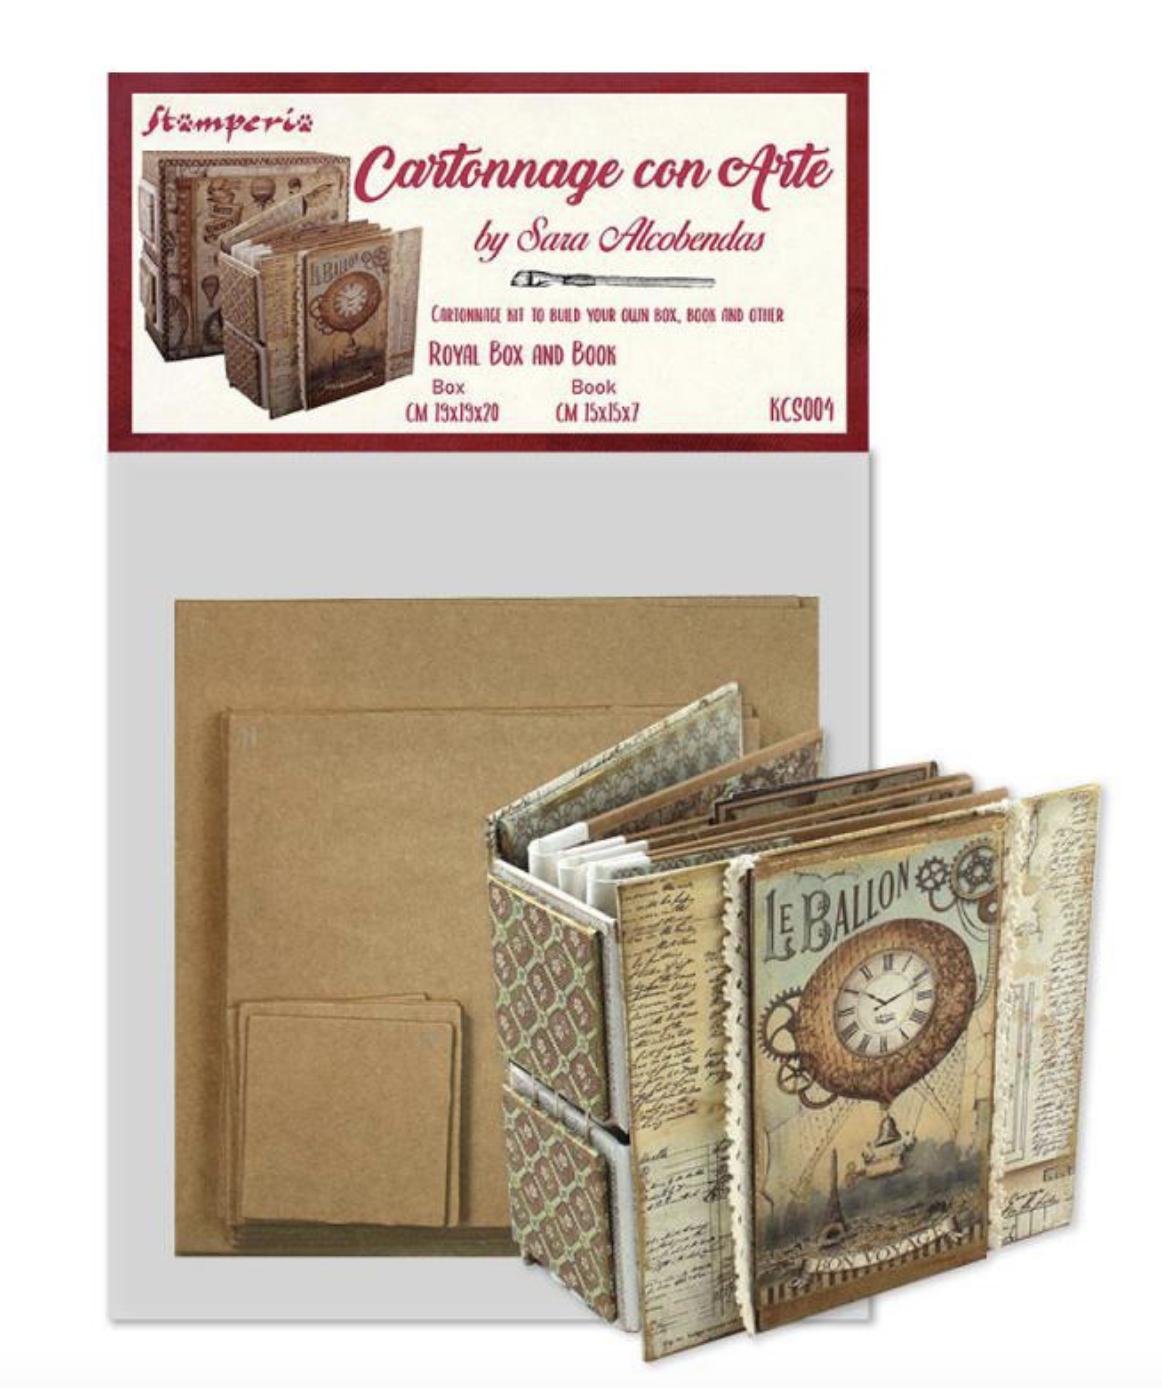 Cartonnage Kit Royal Box and Book